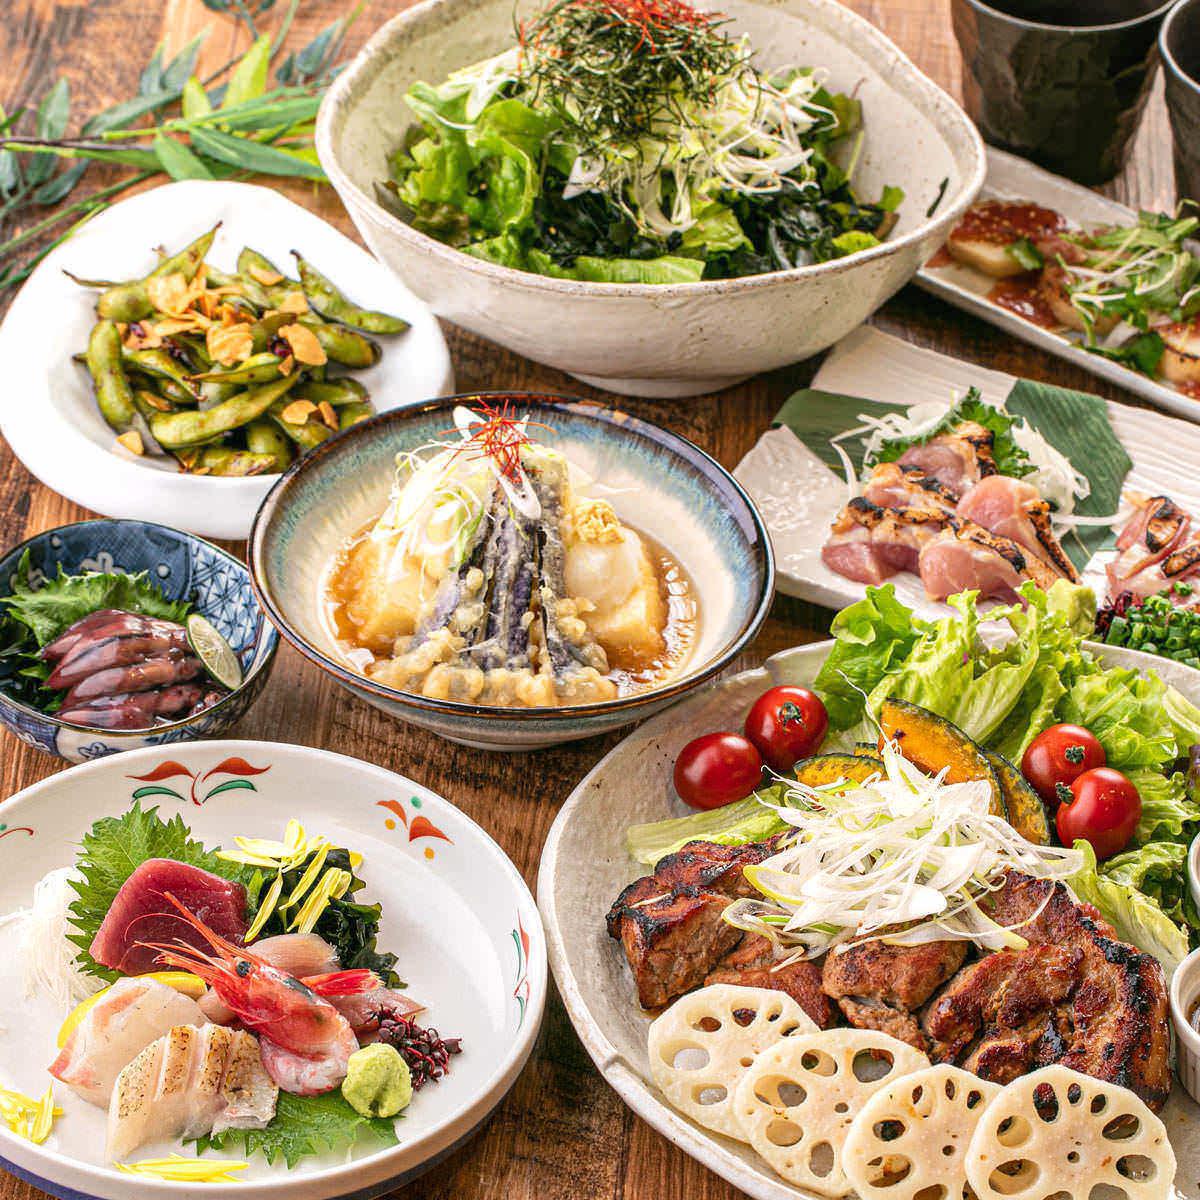 【雅コース】鮮魚の二種盛りやメインは豚バラ肉の1本焼き 2.5時間飲み放題 全8品 3500円 宴会に◎